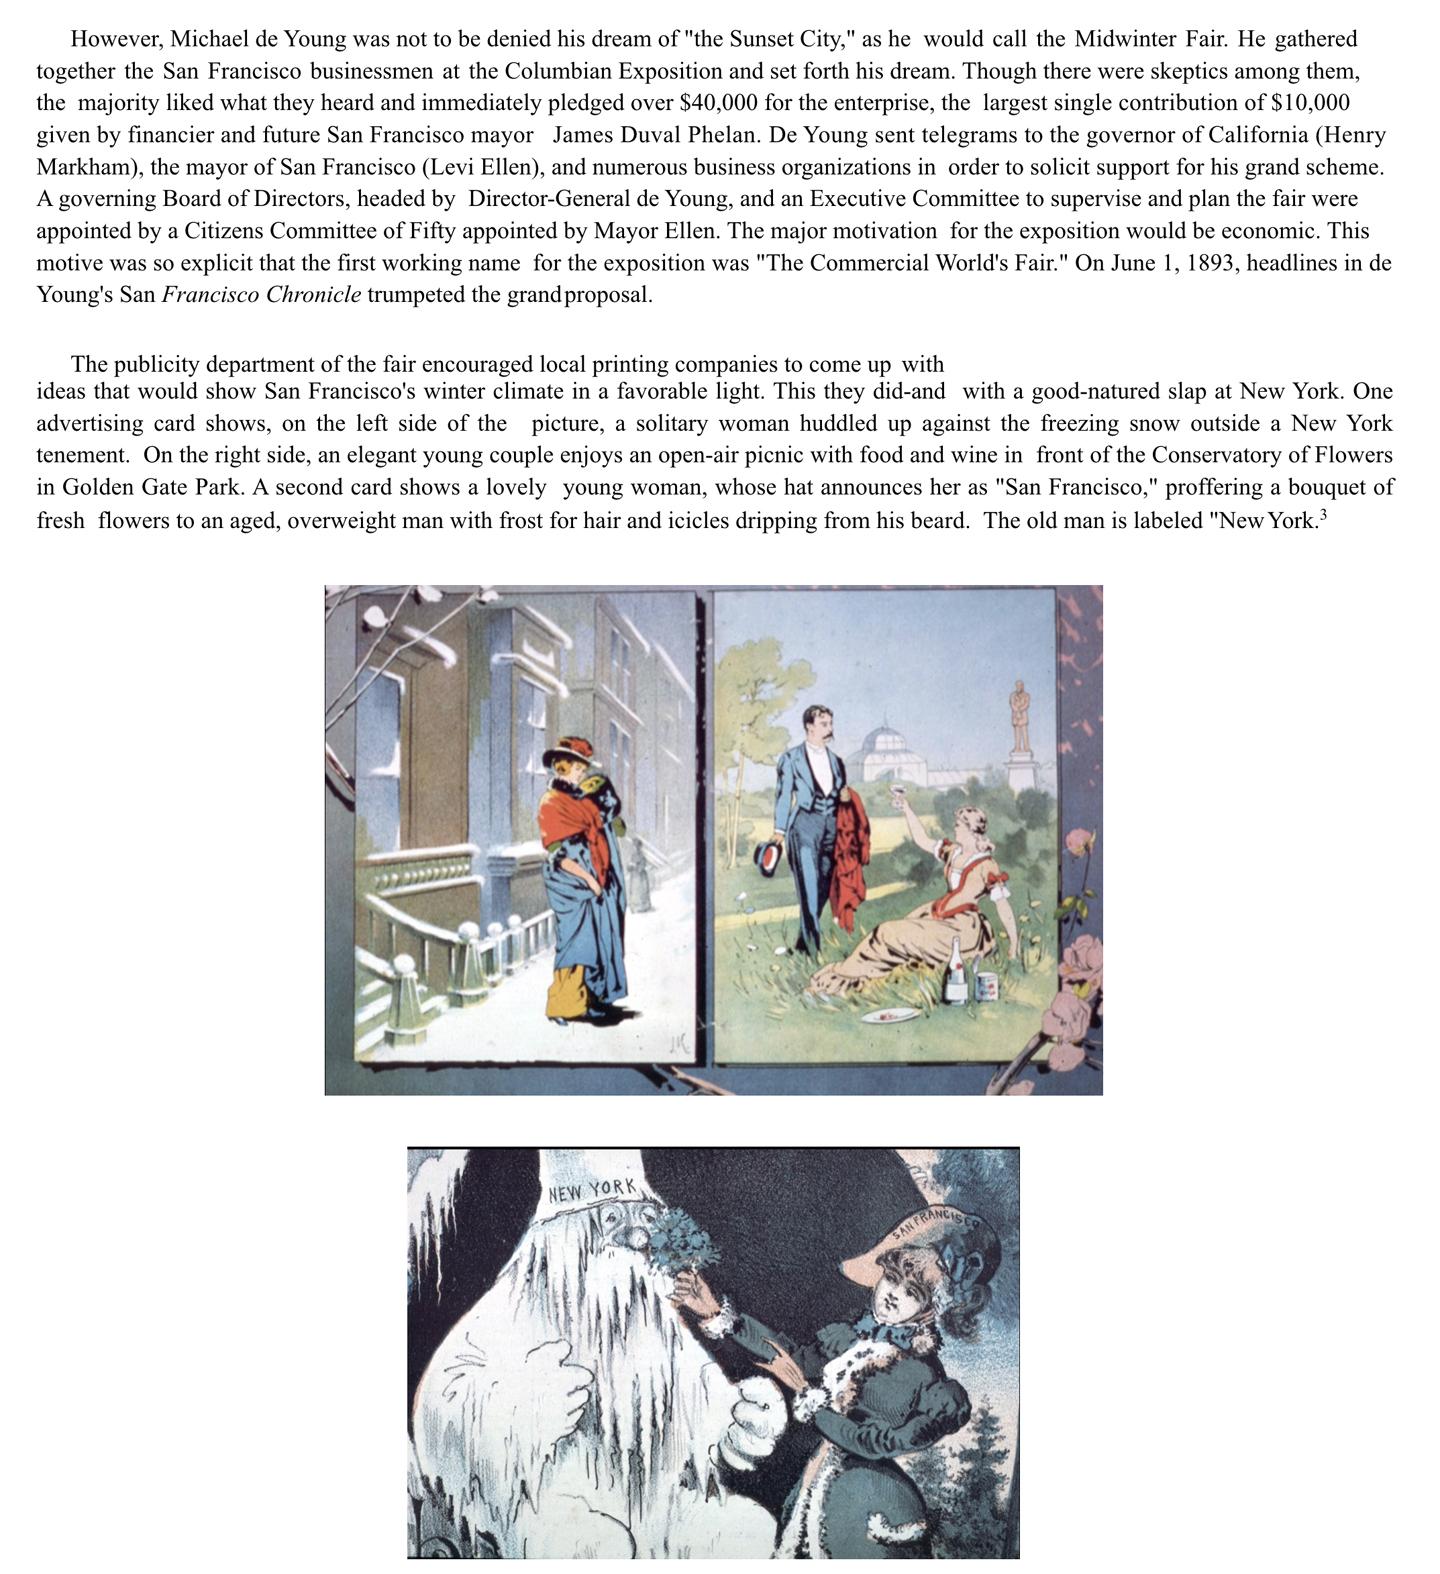 Fanfair slide 7.jpg